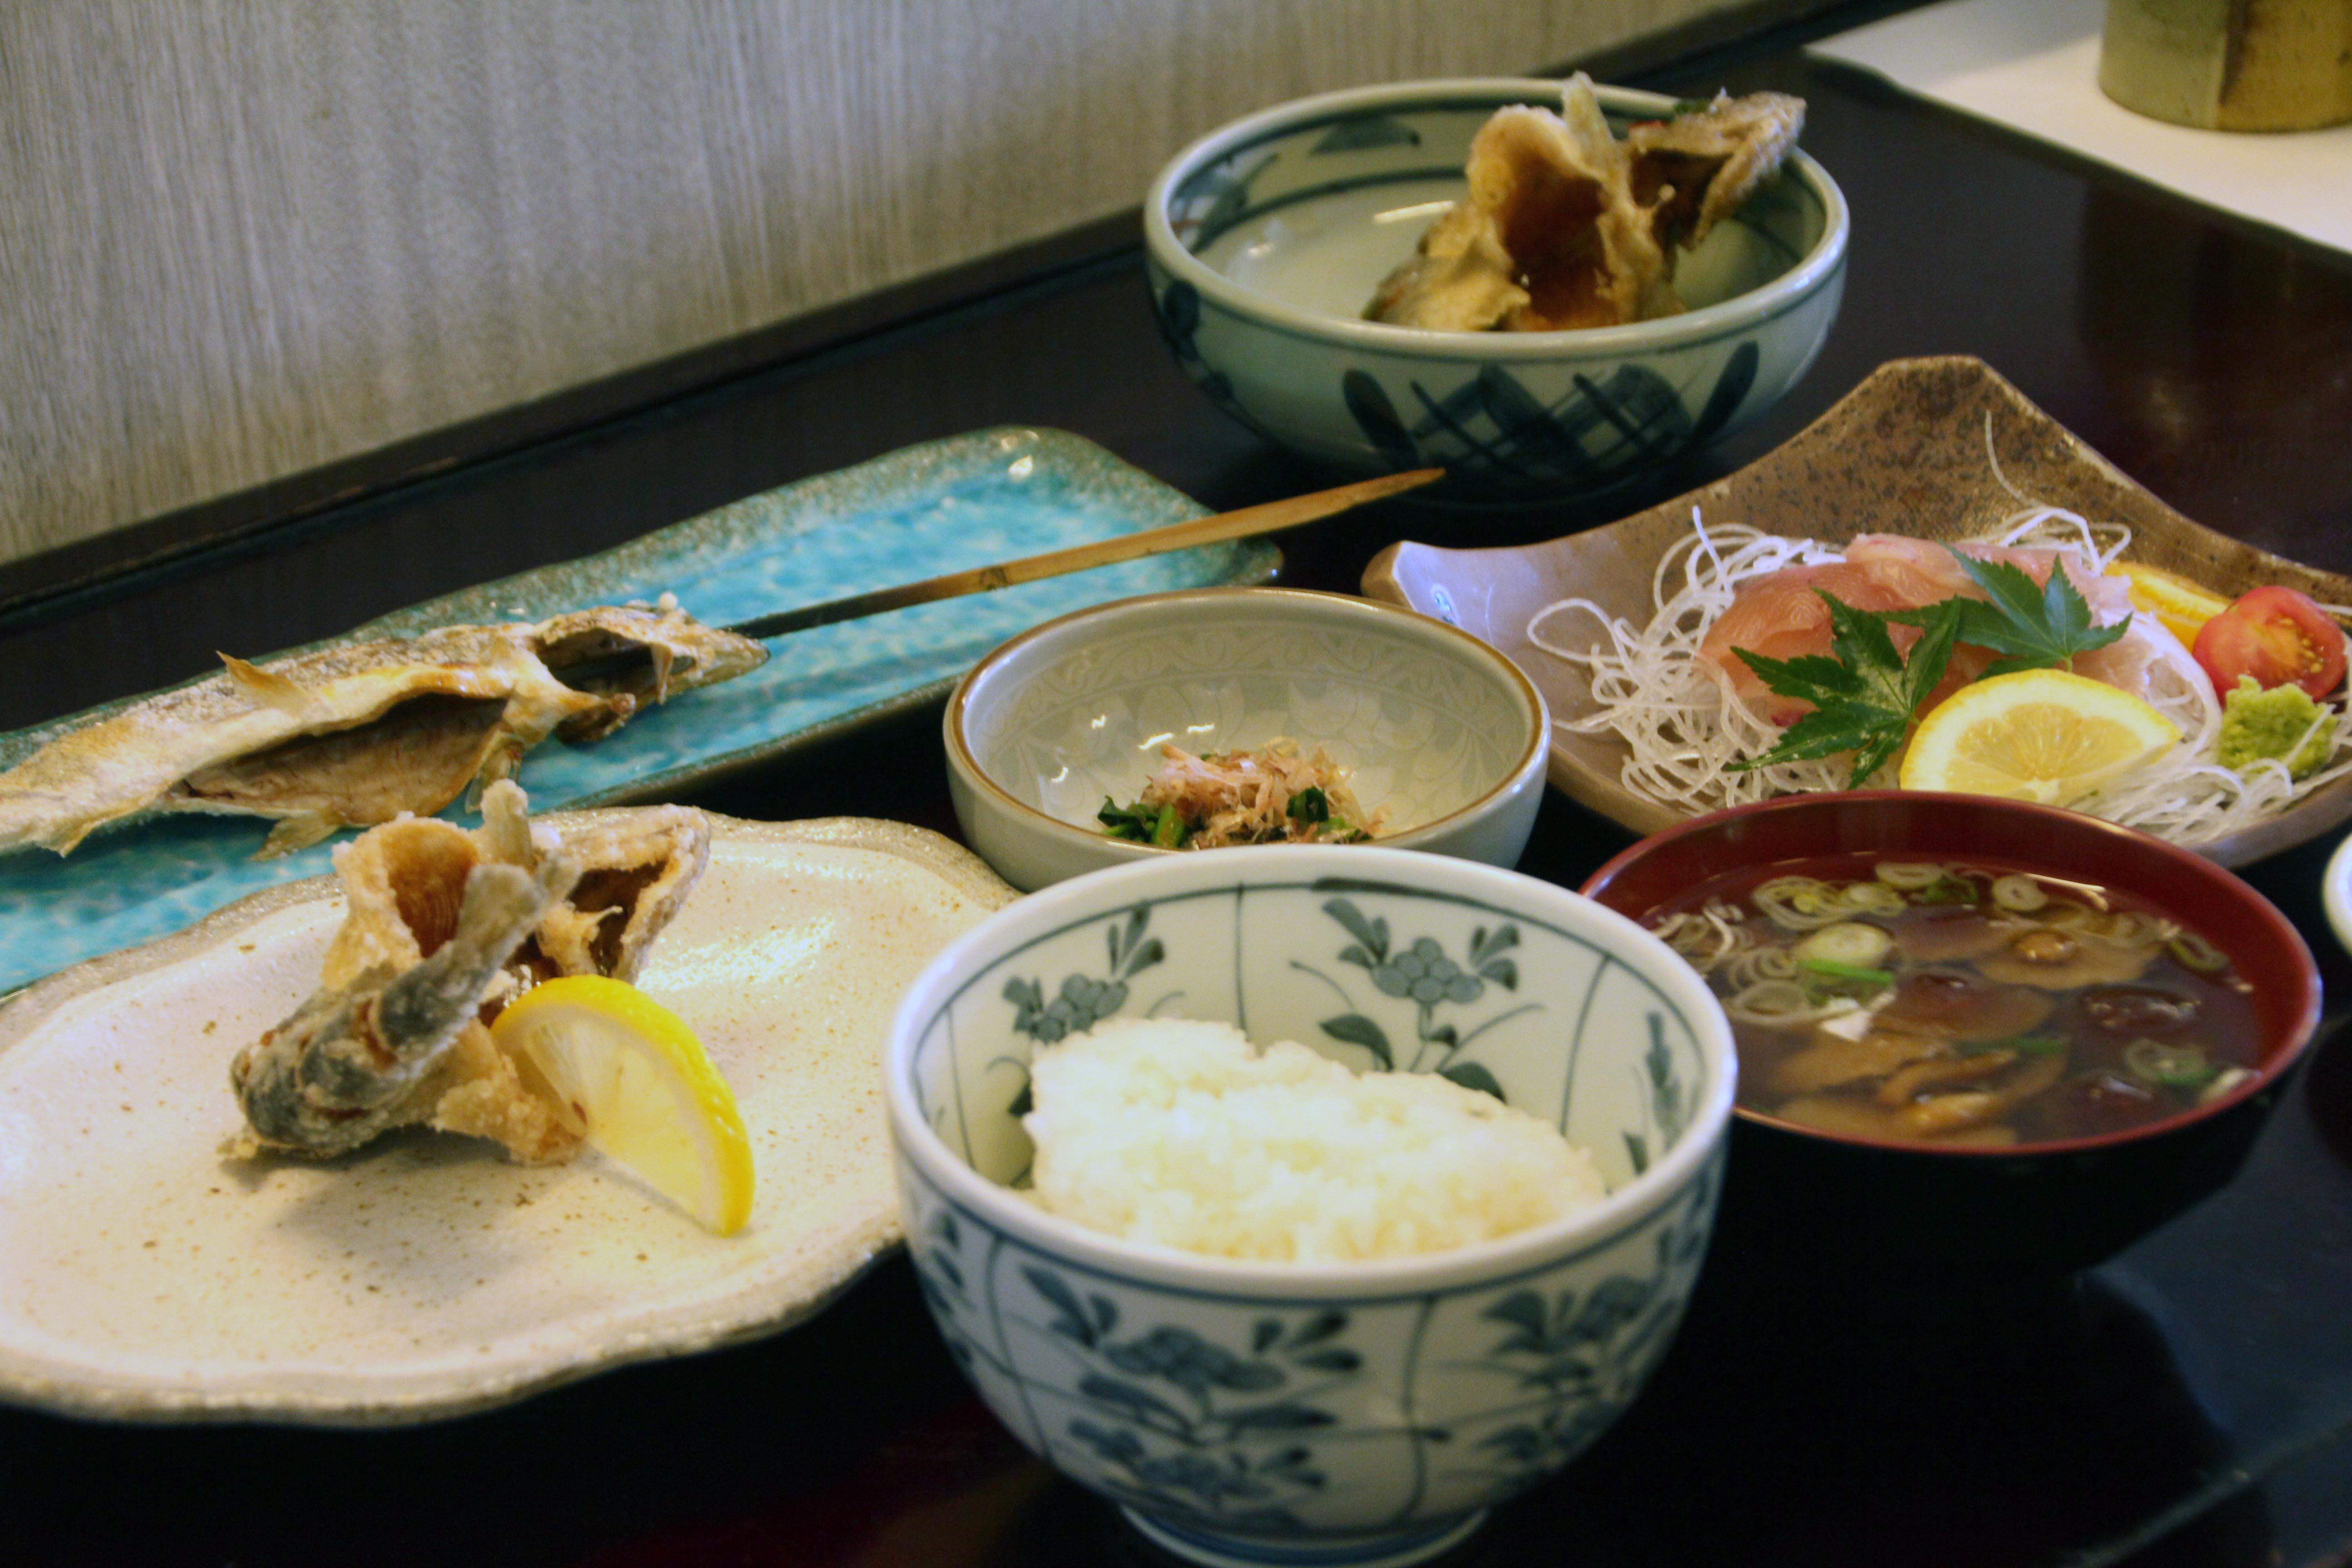 山女魚料理とオプシブプリの夕日 ウレクレクの響き 札幌発着 (6/25) 札幌